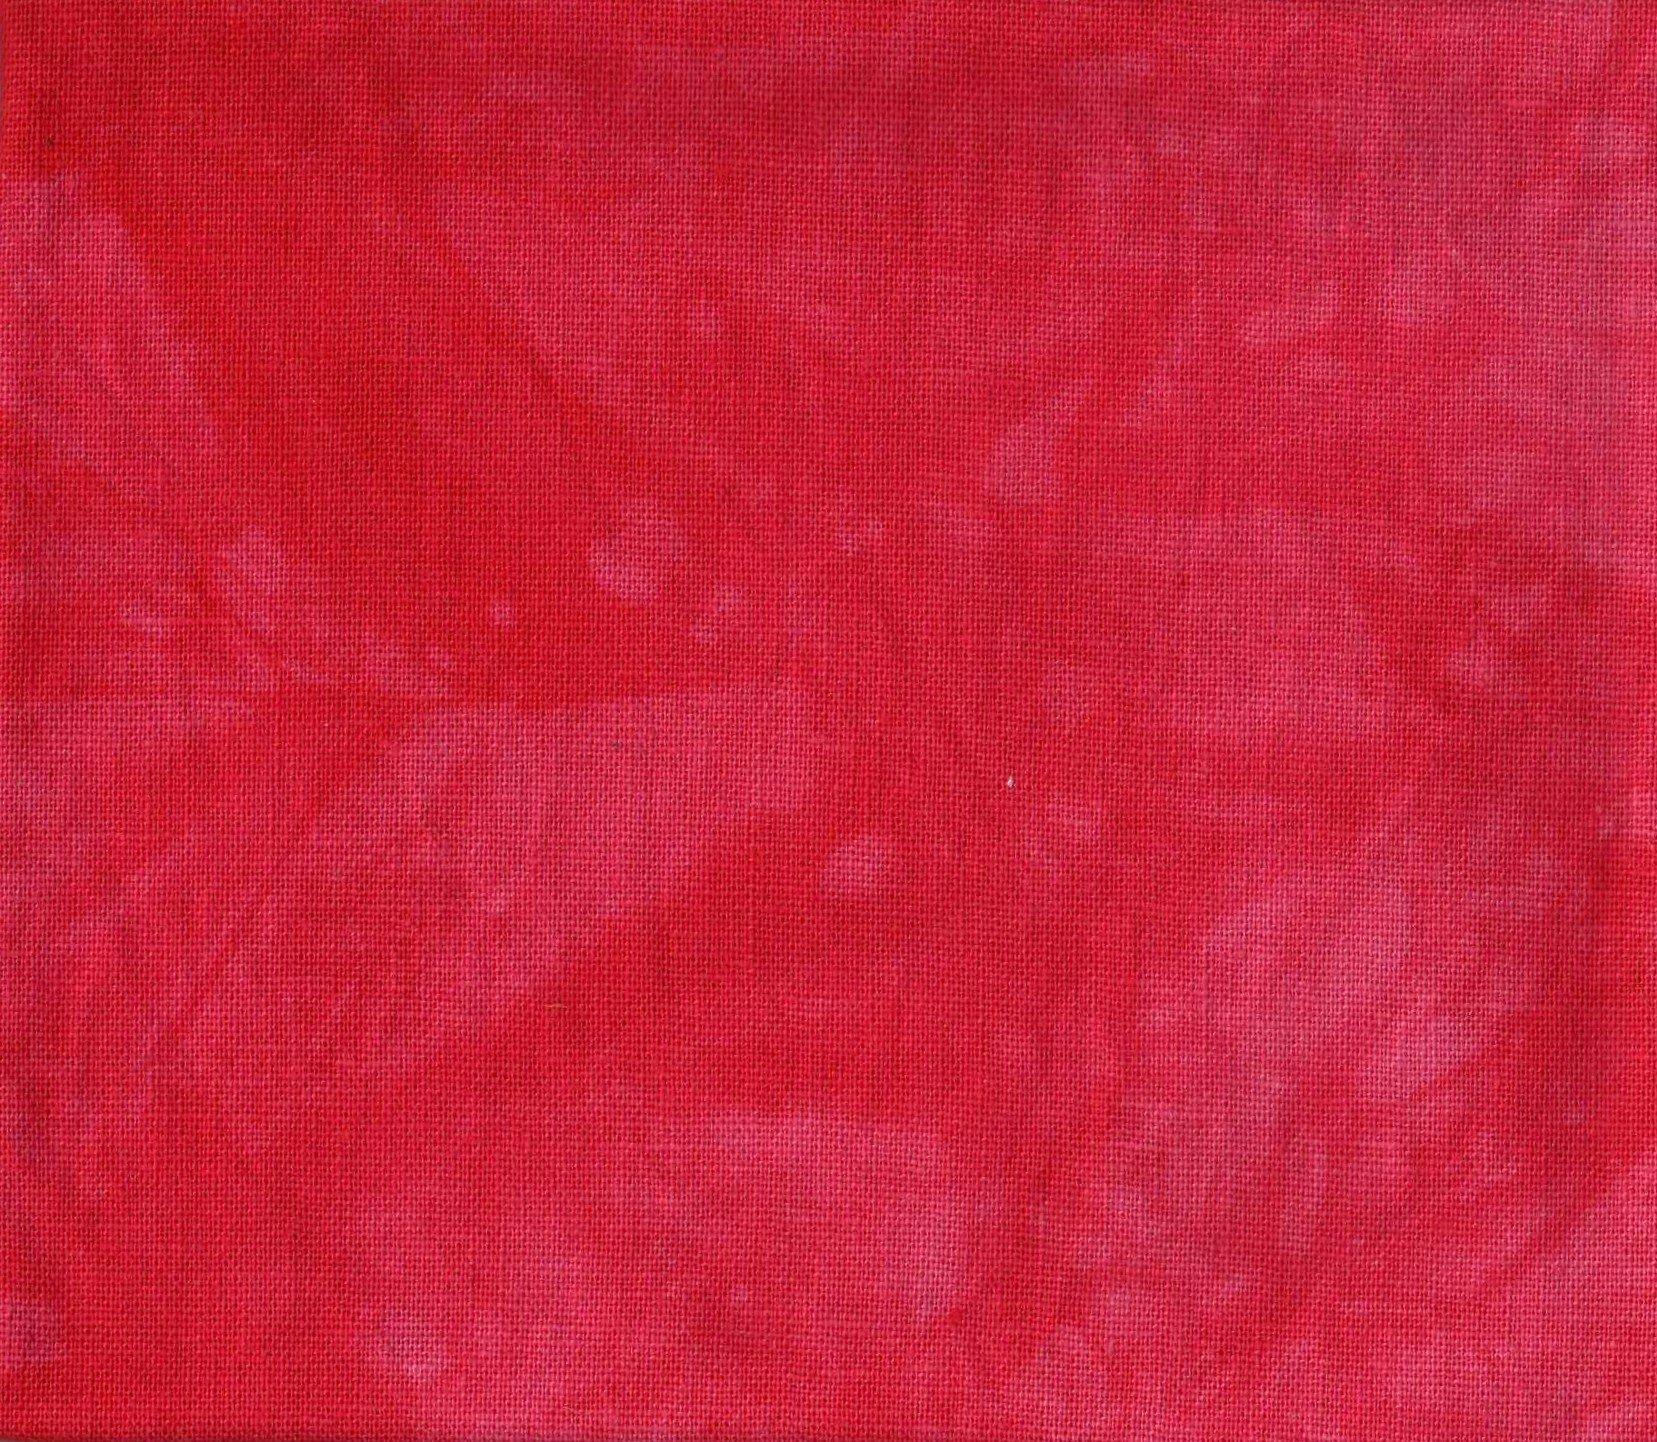 Lipstick Hand-Dyed Linen Fat Quarter